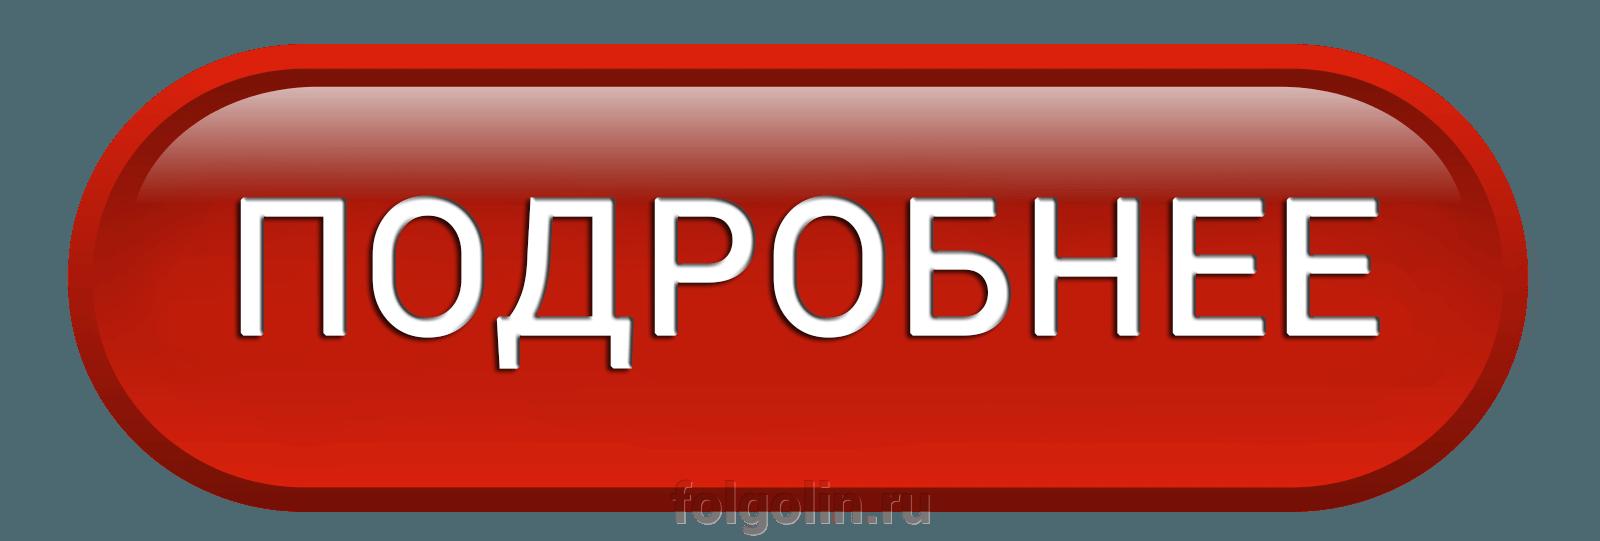 Готовые решения - фото pic_fb9787dcc71cd3ee4b7a1f8bfaed472d_1920x9000_1.png